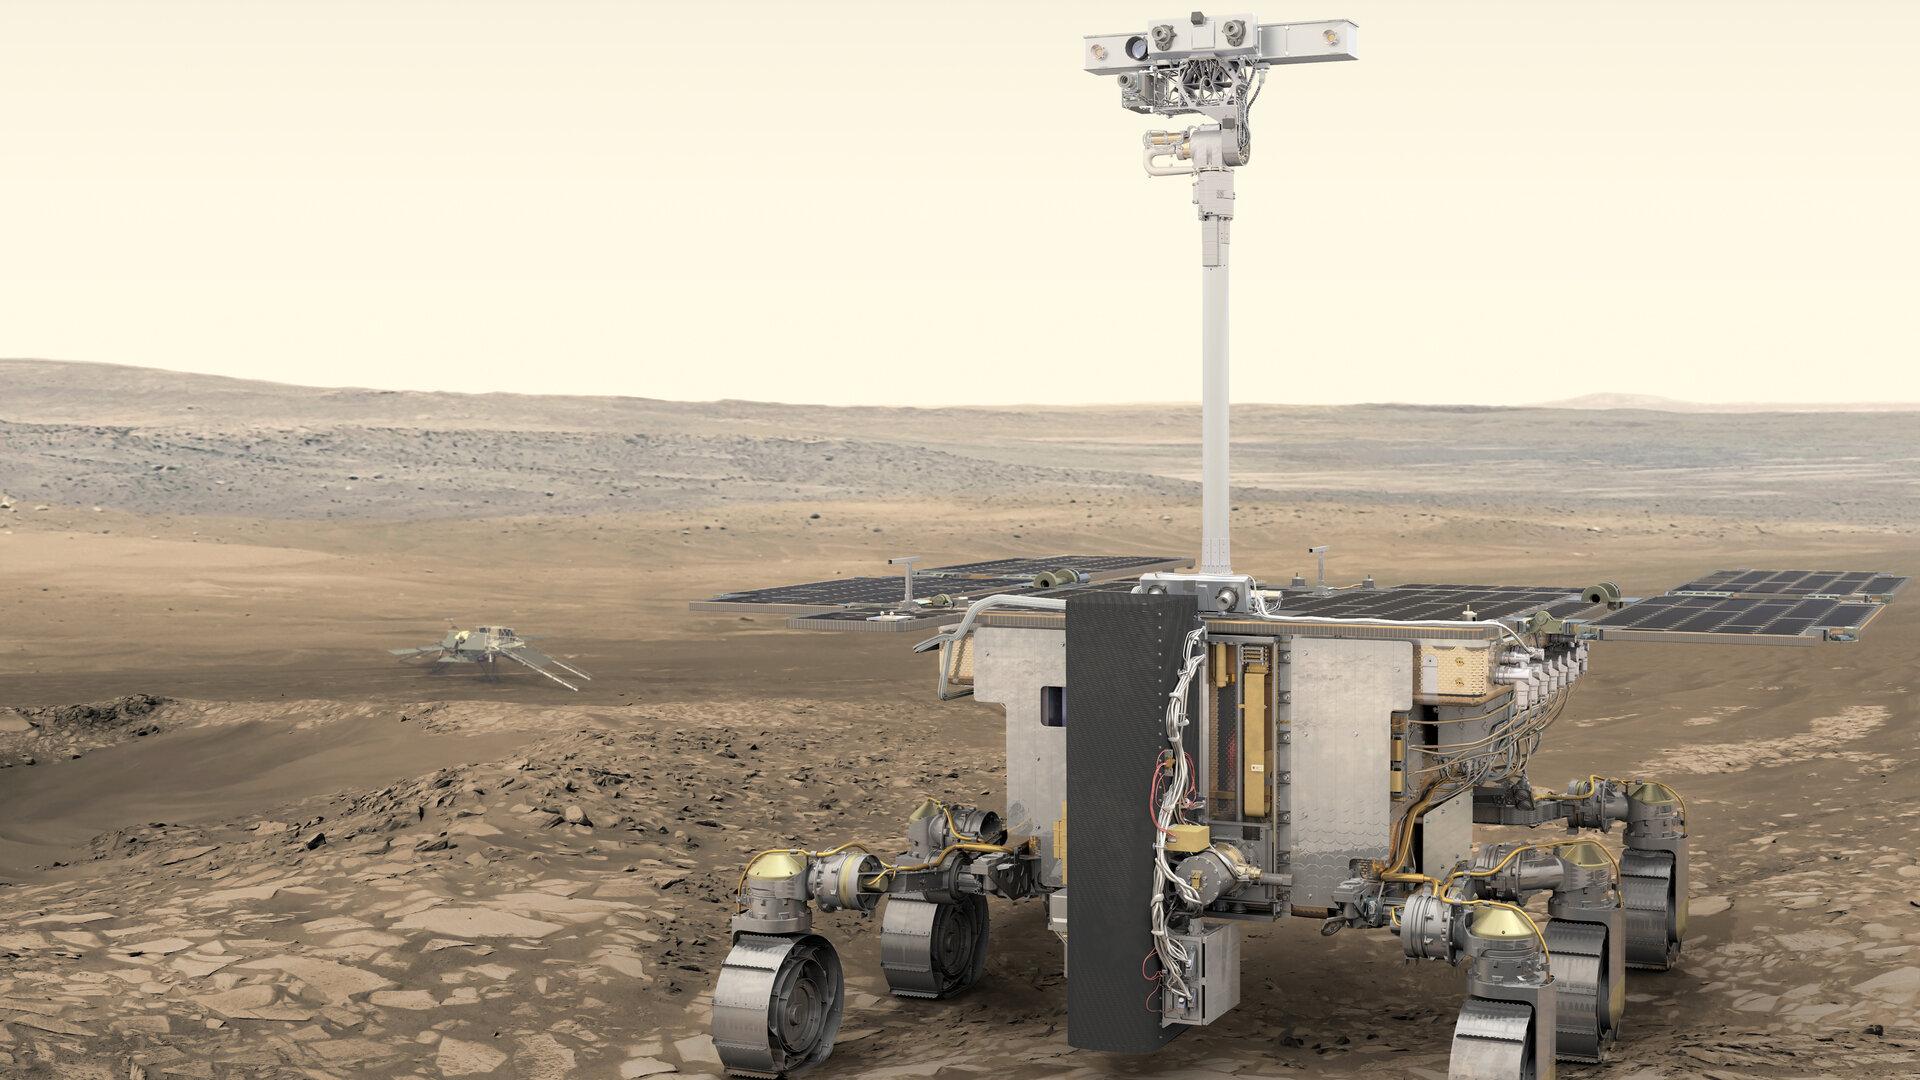 Mars Rover - Rosalind Franklin